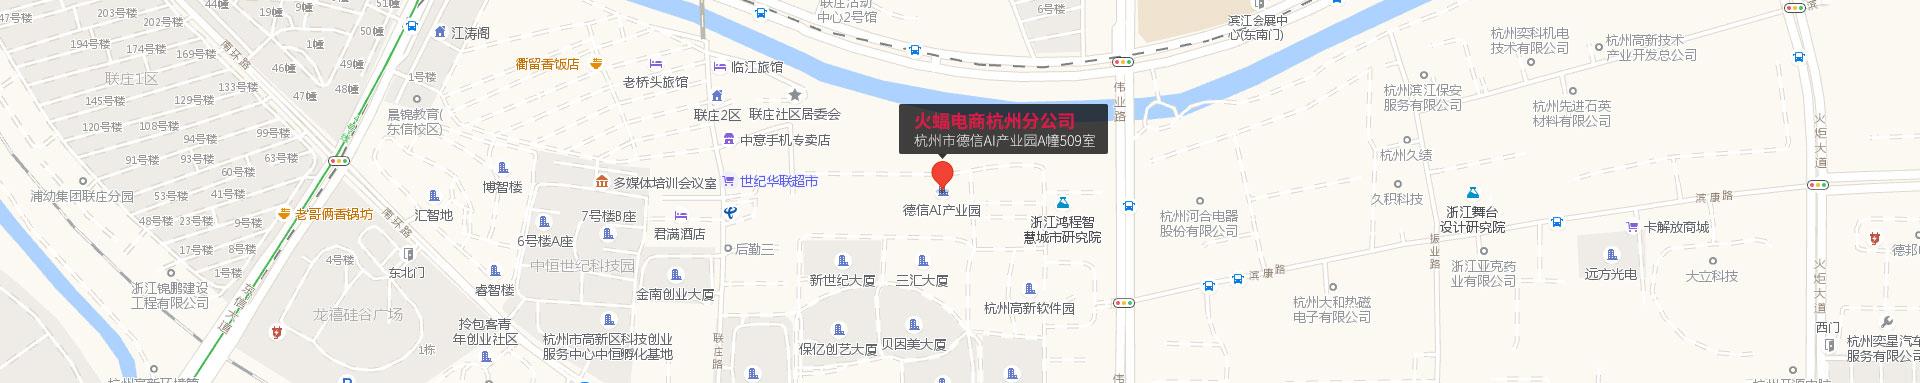 杭州官网电商